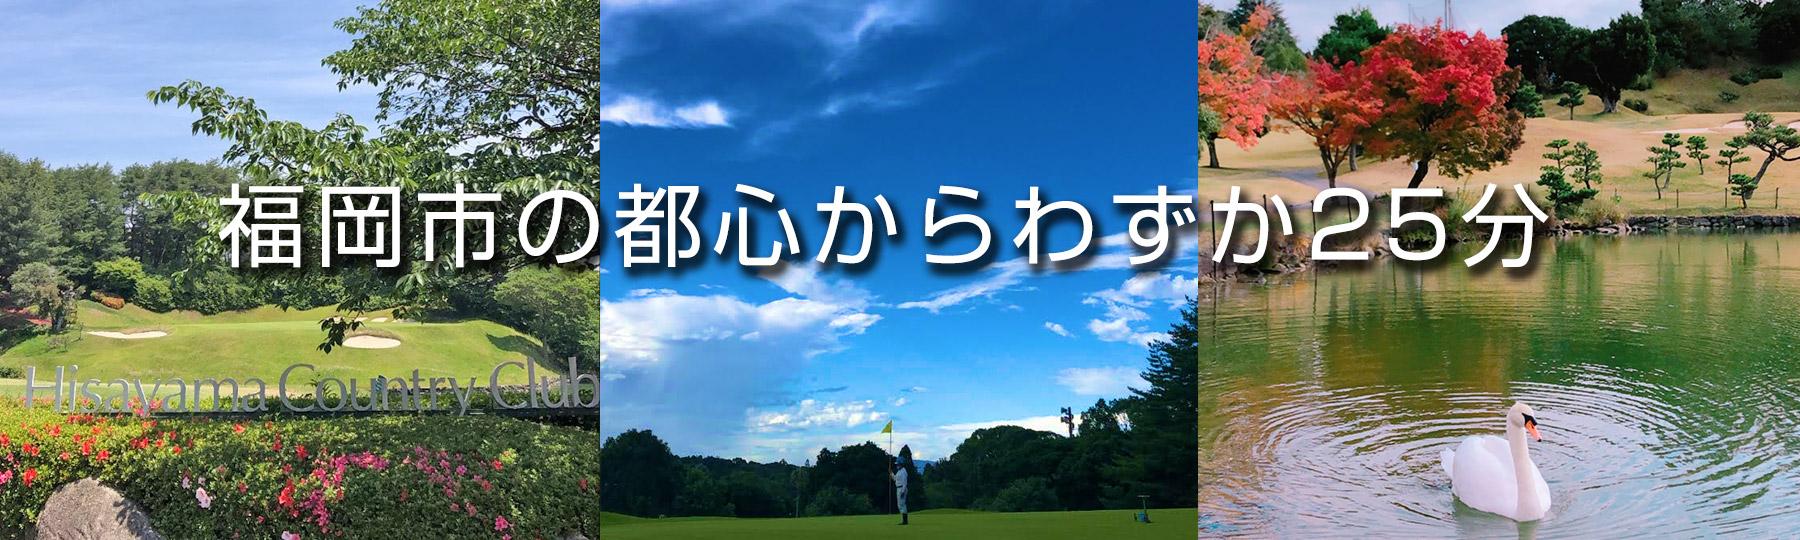 ホームページ 福岡 市